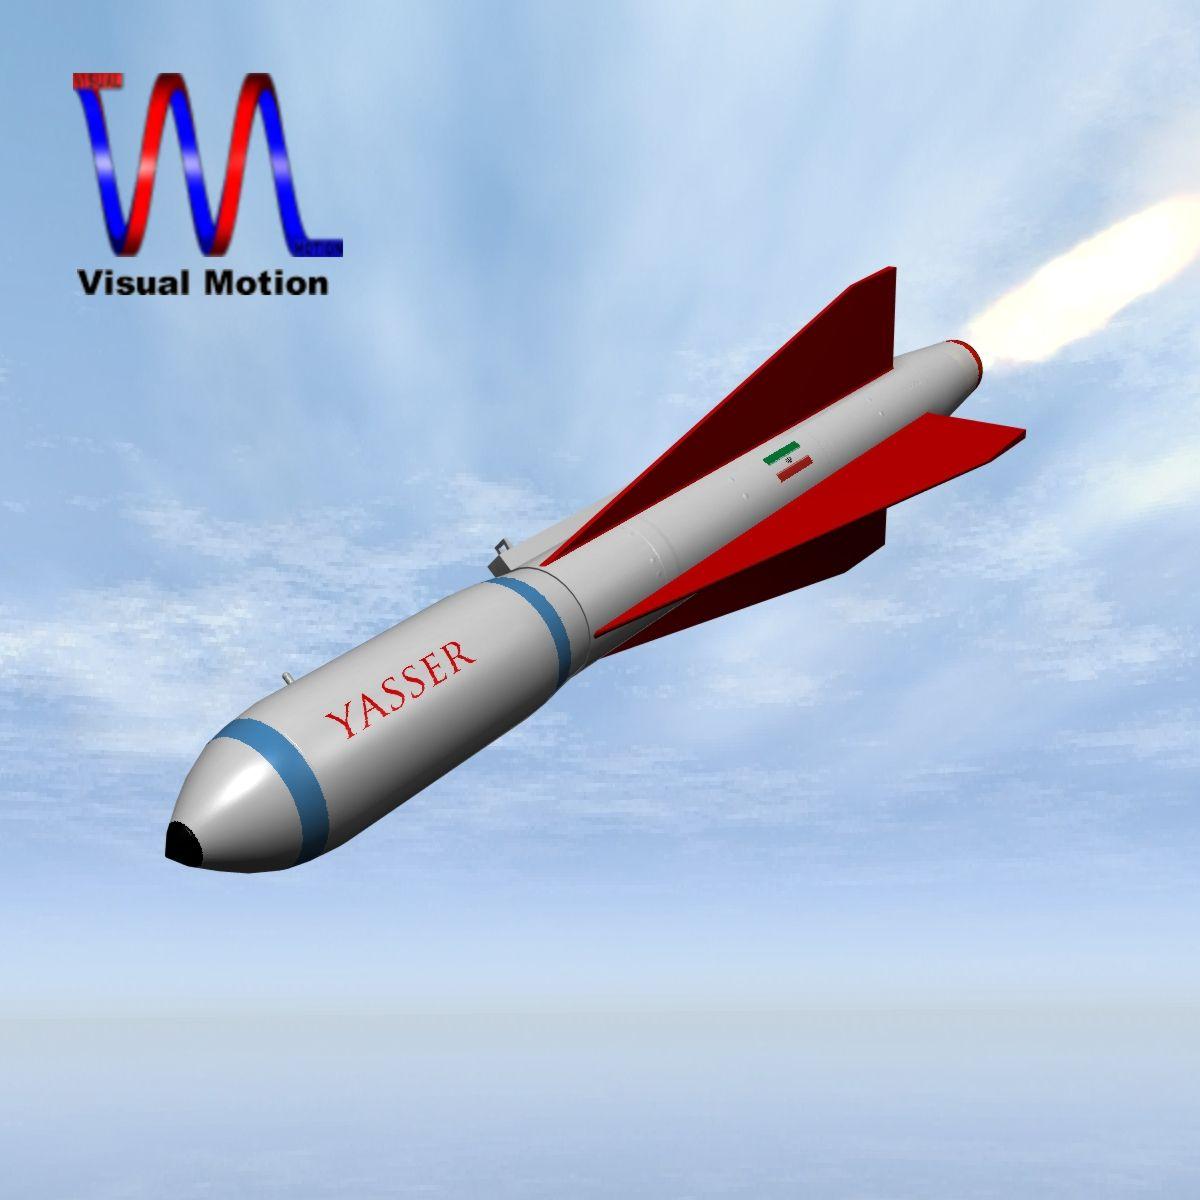 iranian yasser asm missile 3d model 3ds dxf cob x obj 150562